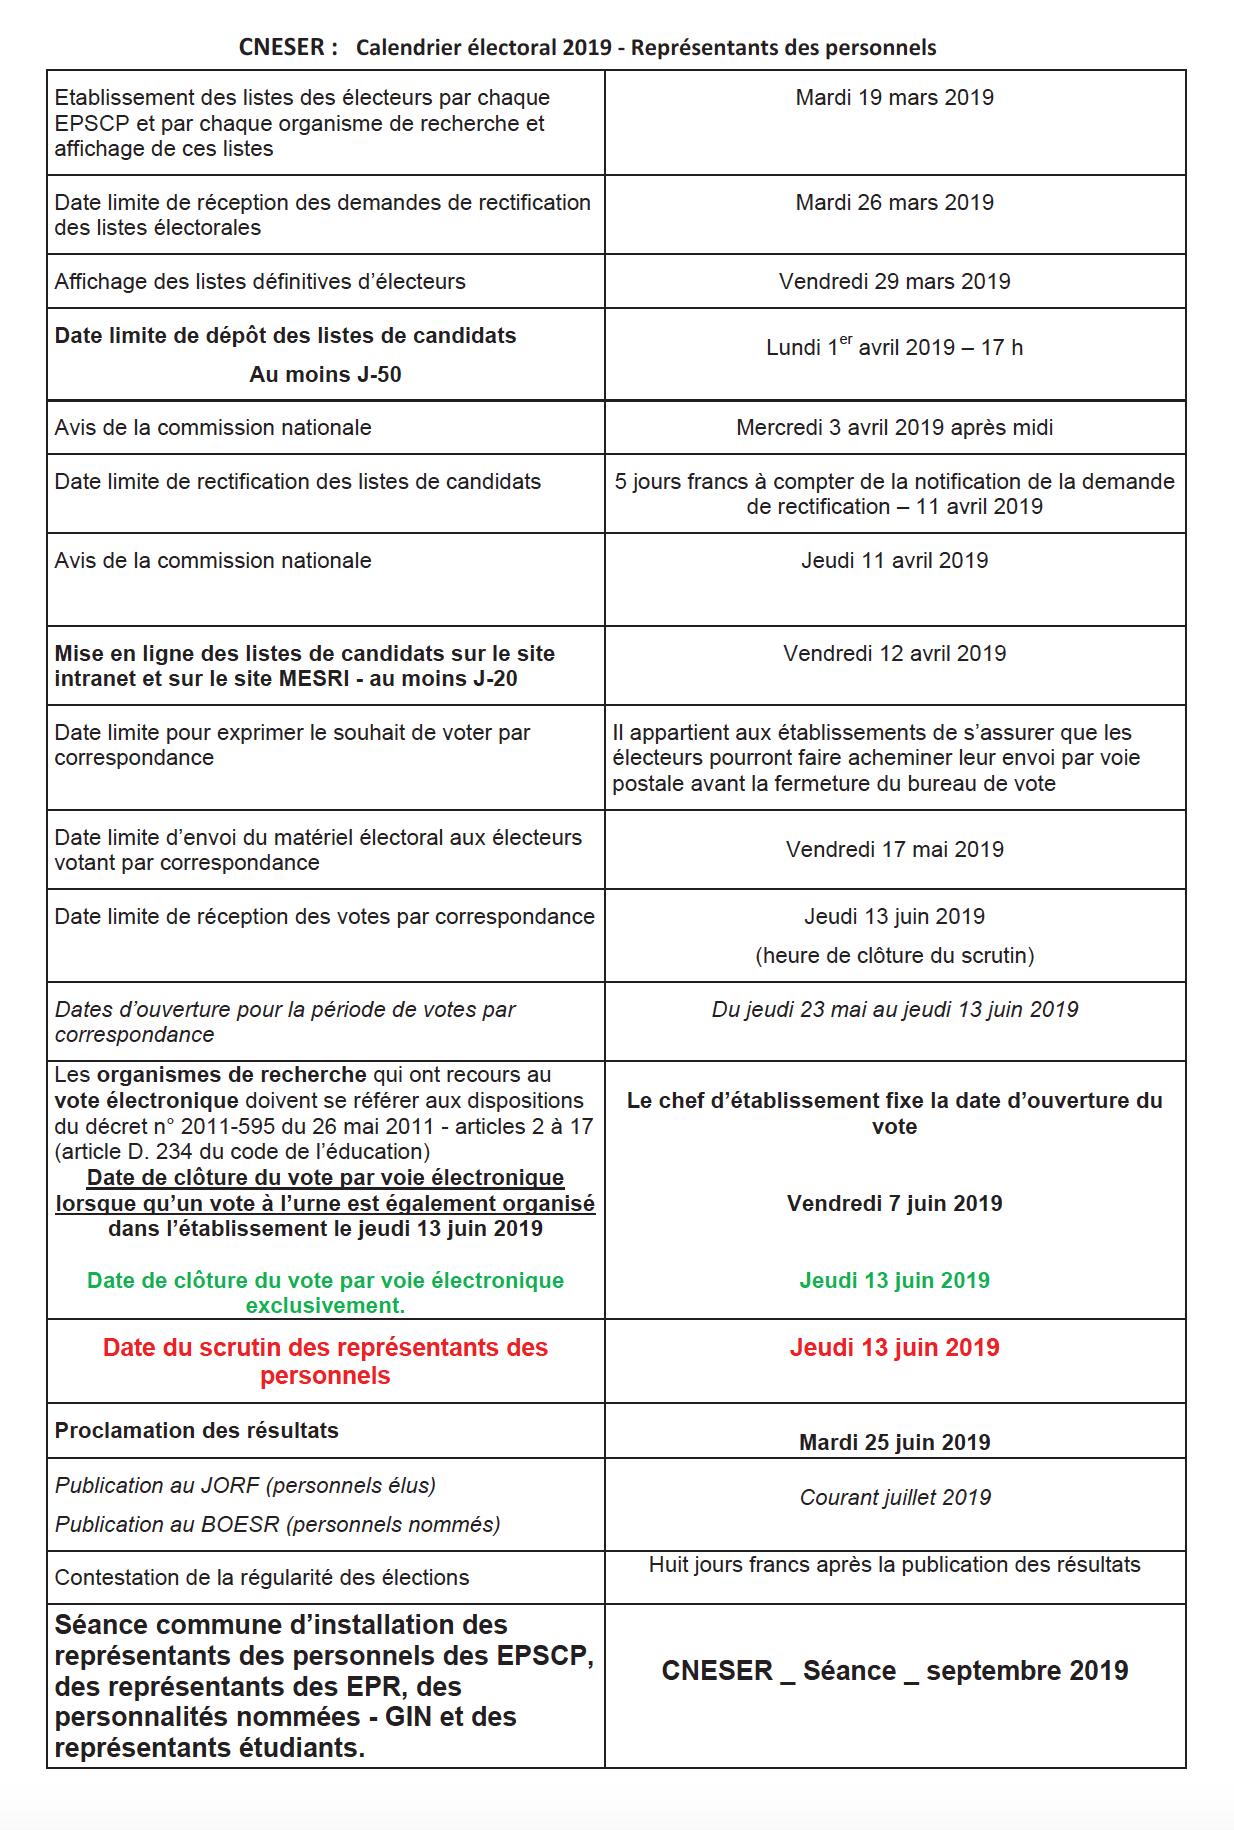 Calendrier Electoral 2019.Calendrier Des Elections Au Cneser 2019 Snesup Fsu